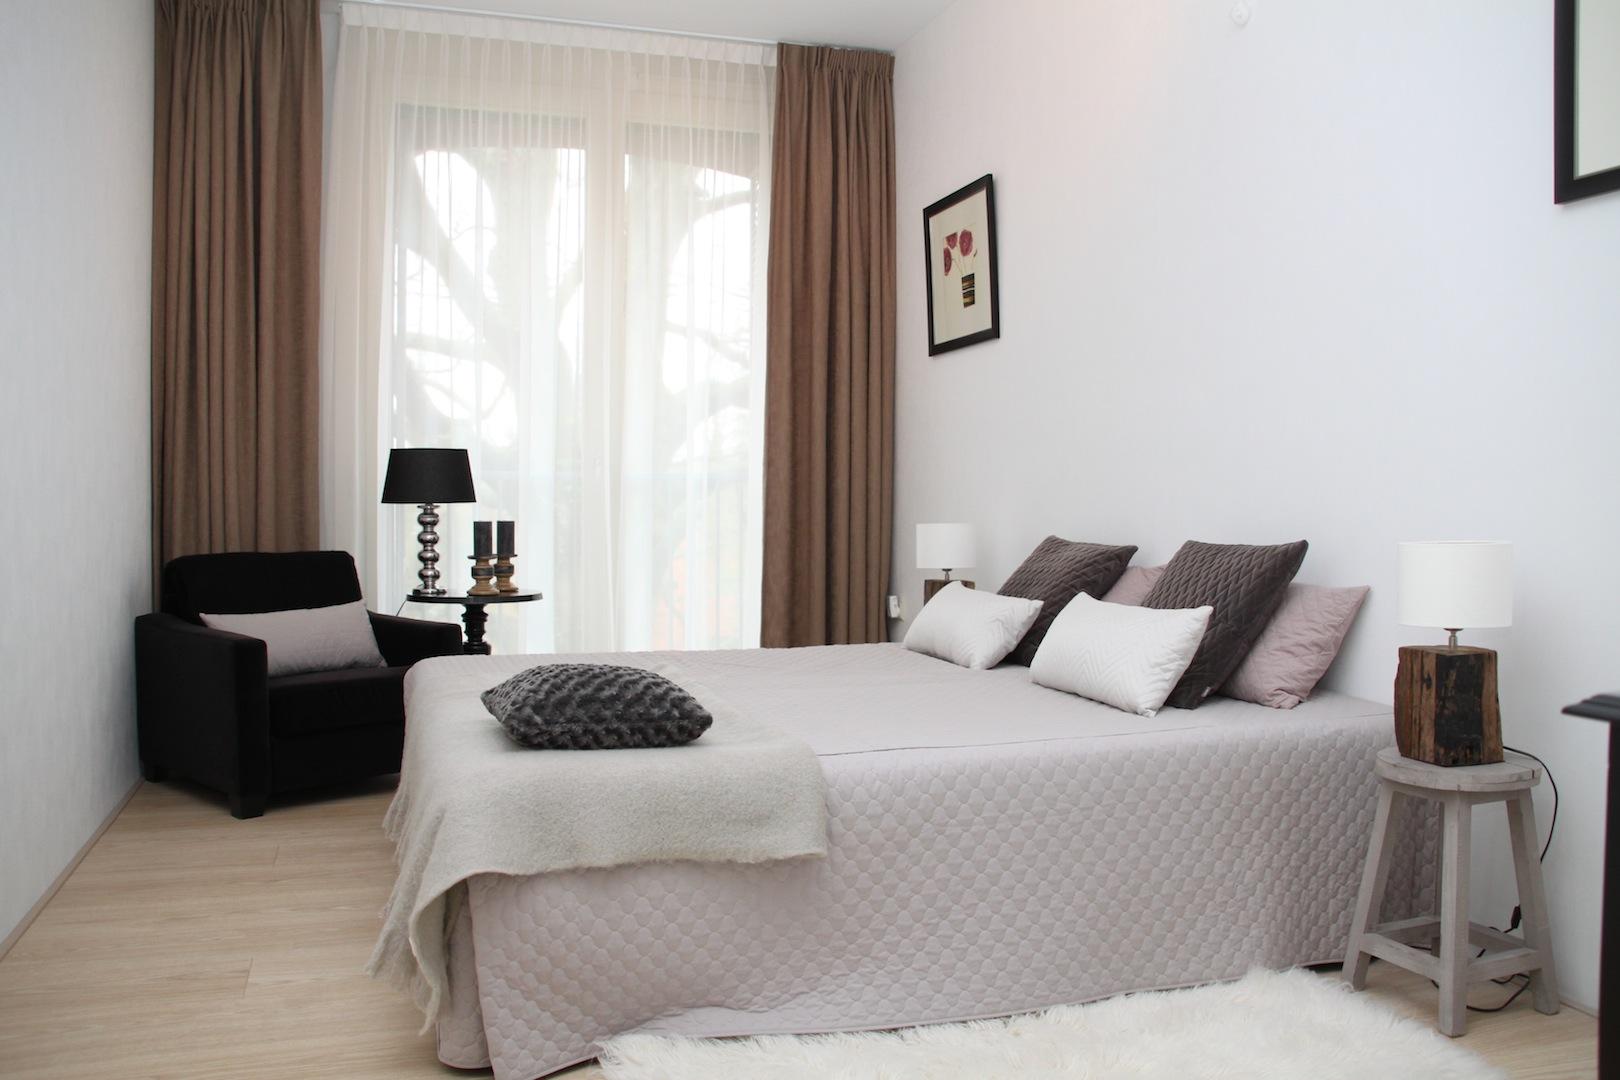 Te huur : Appartement Boekenroodeweg 13 in Aerdenhout